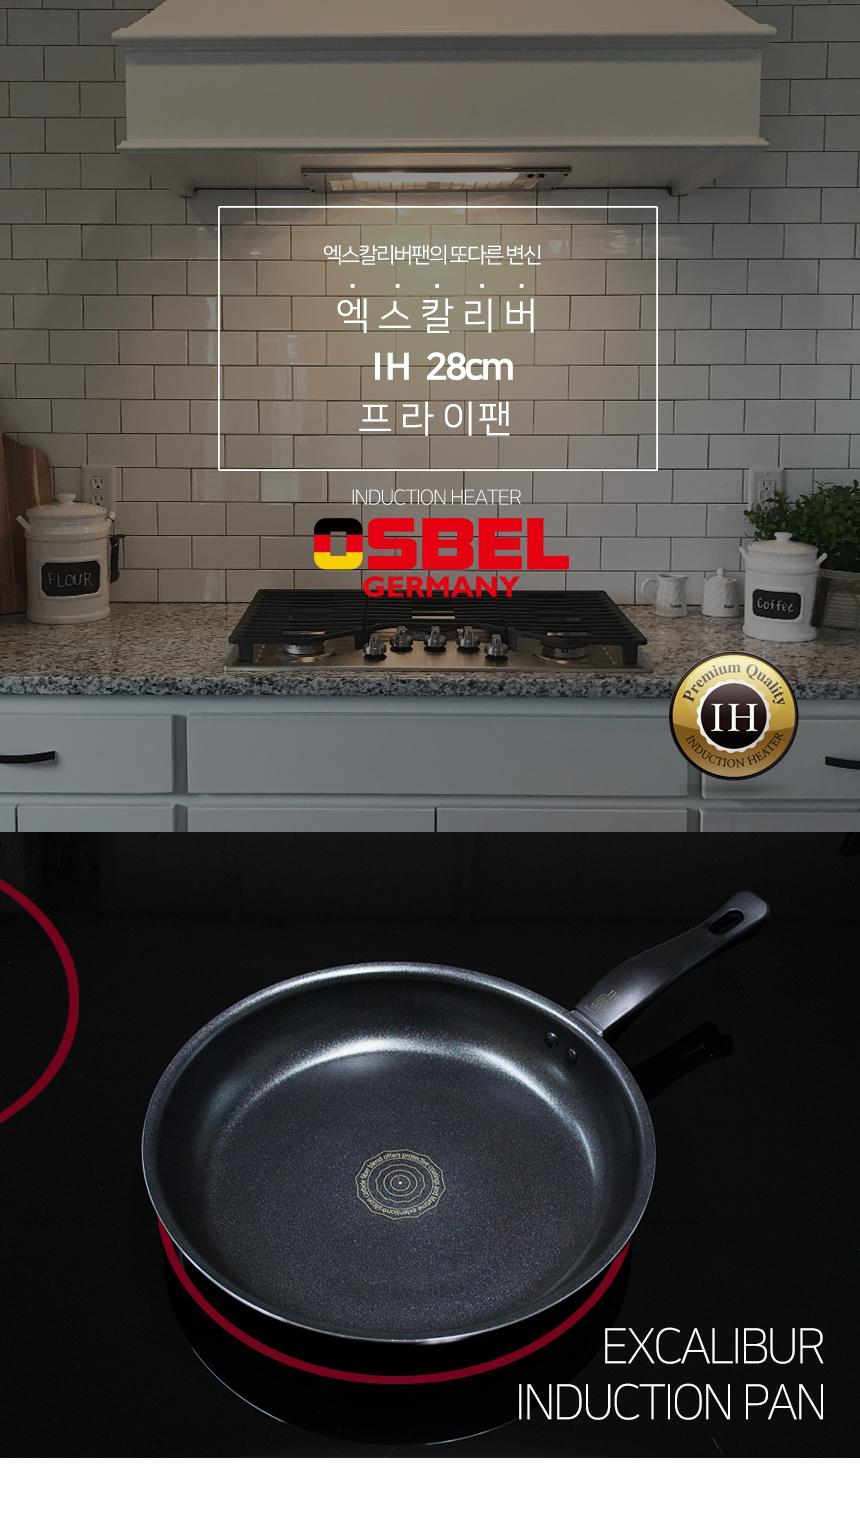 독일 오스벨 IH 인덕션 후라이팬 28cm - 쥬빌리라이프, 19,900원, 프라이팬/그릴팬, 일반 프라이팬